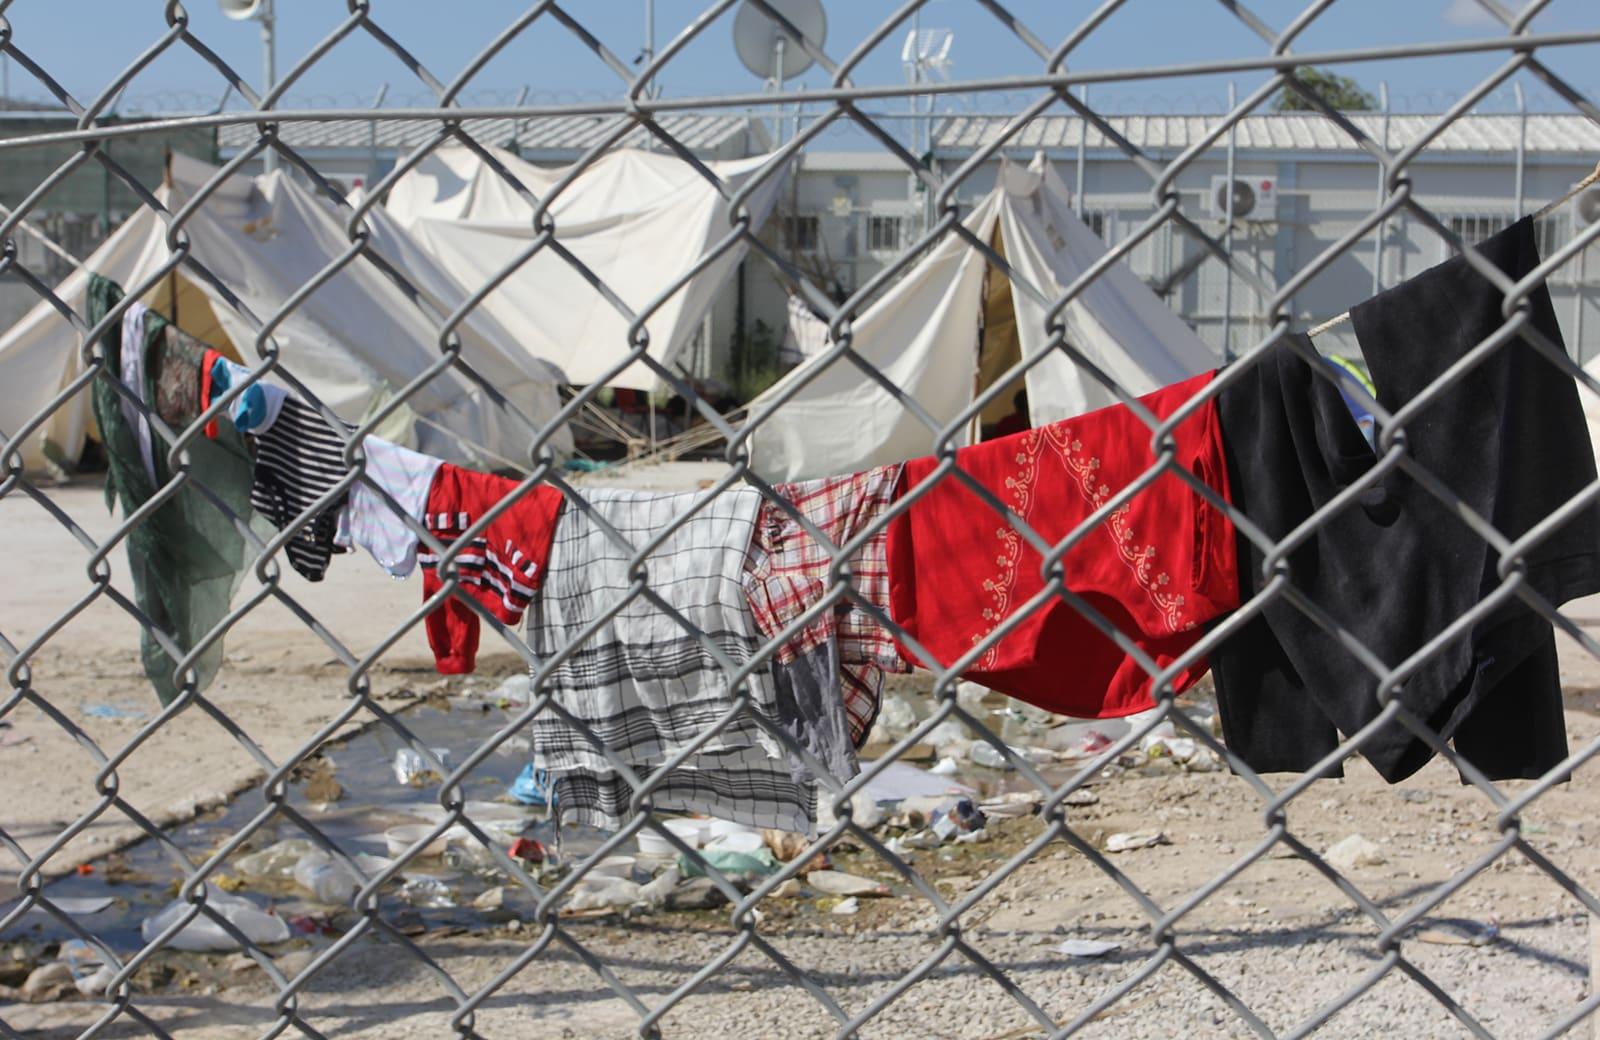 CW2017 Charity Week Refugees